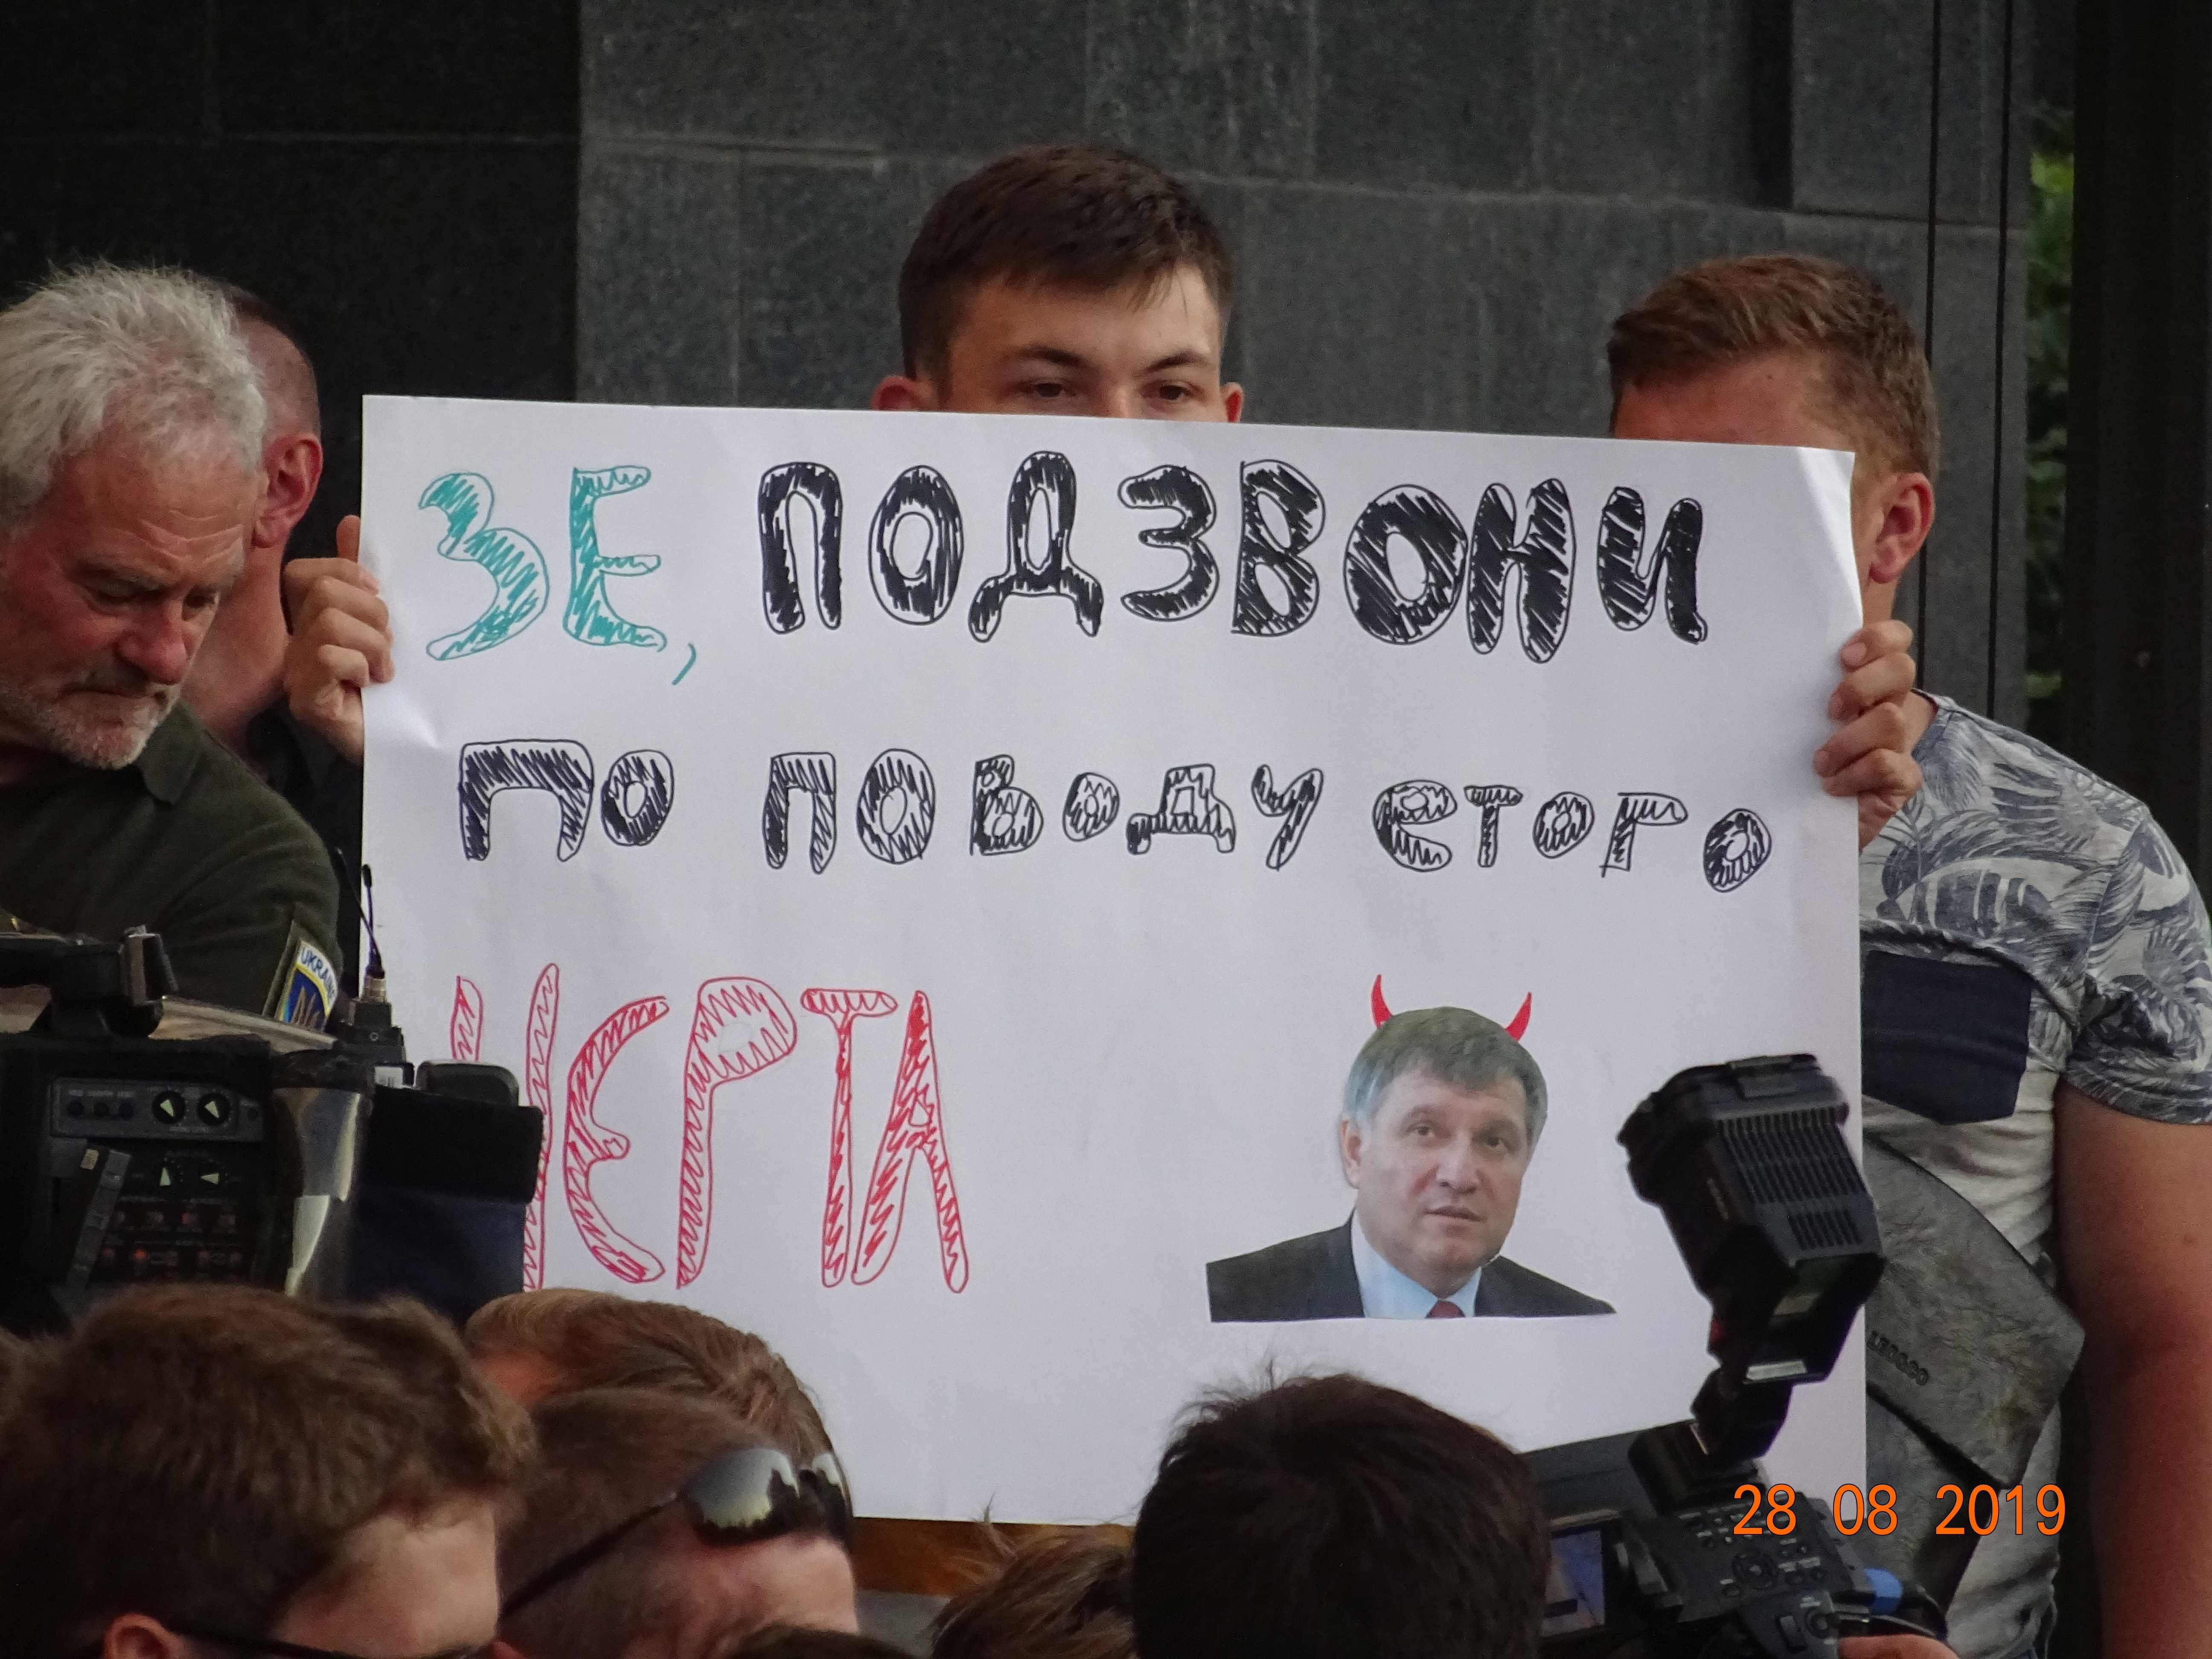 Avakov-Chort-Devil - Avakov-Chort-Devil-image011.jpg